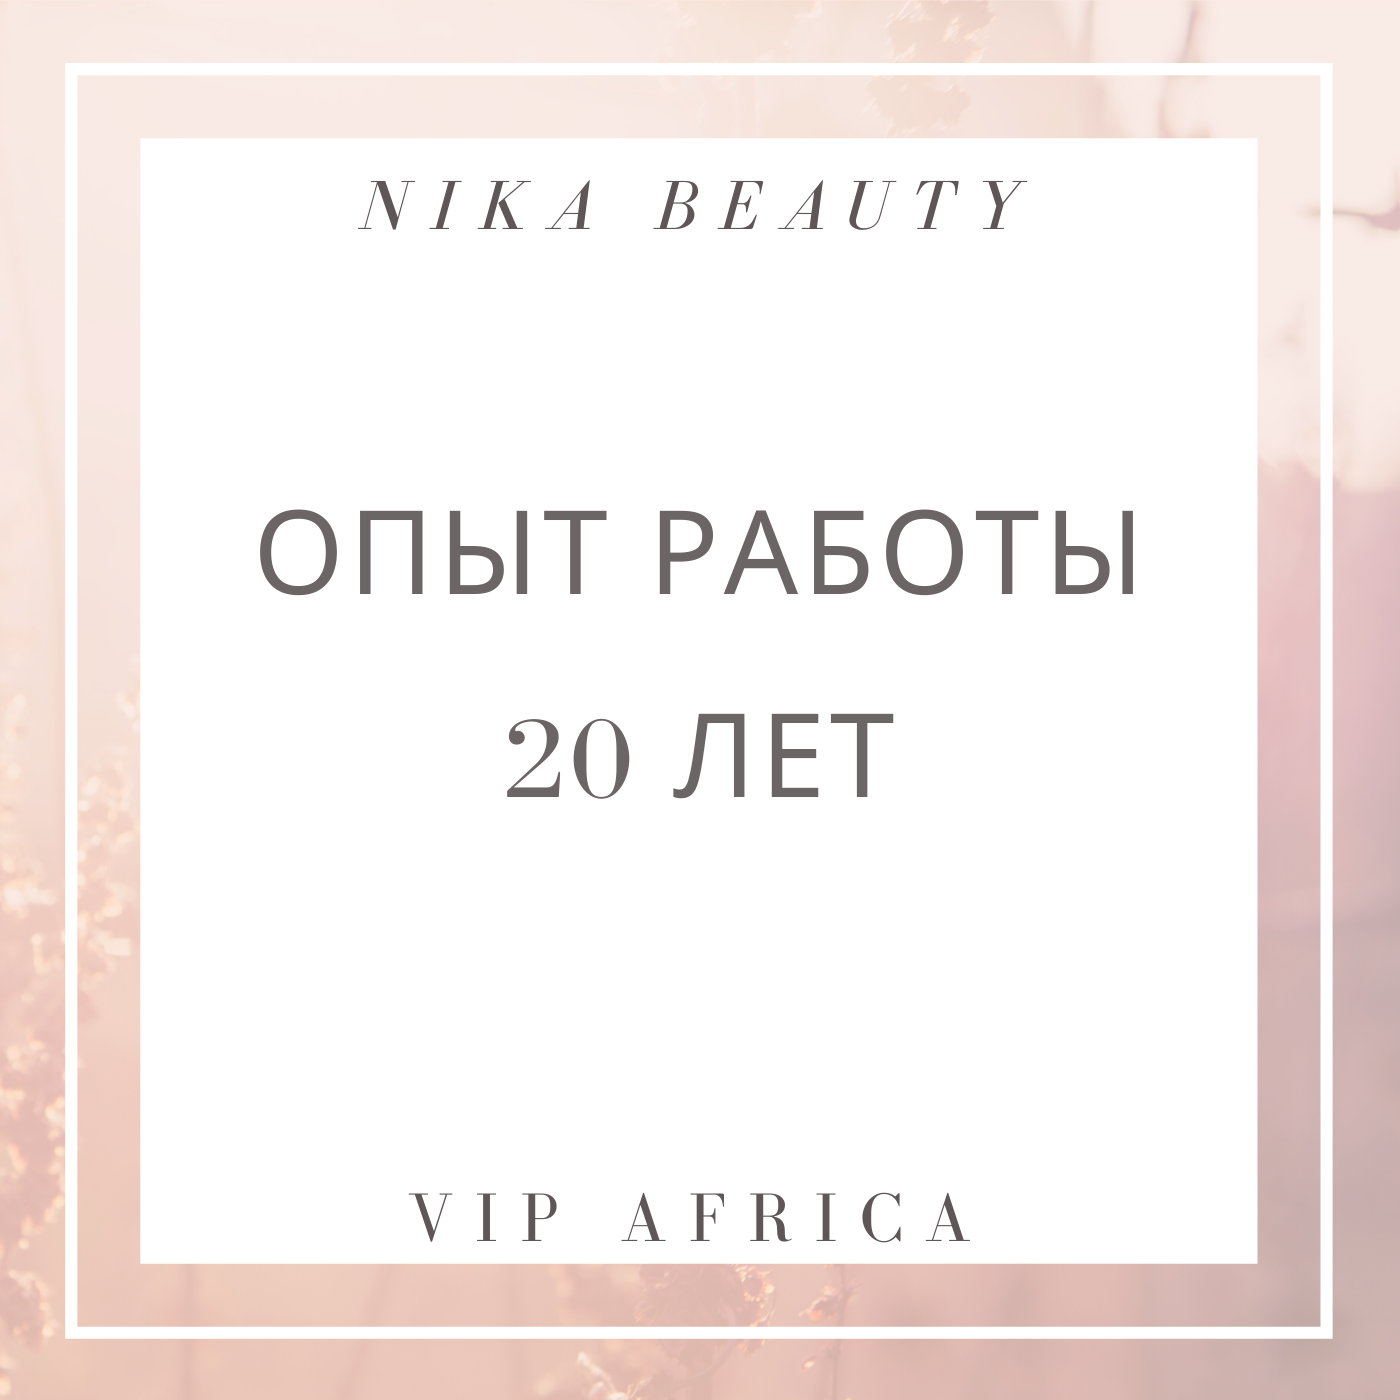 курсы для салонов красоты в салонах Ника и Африка